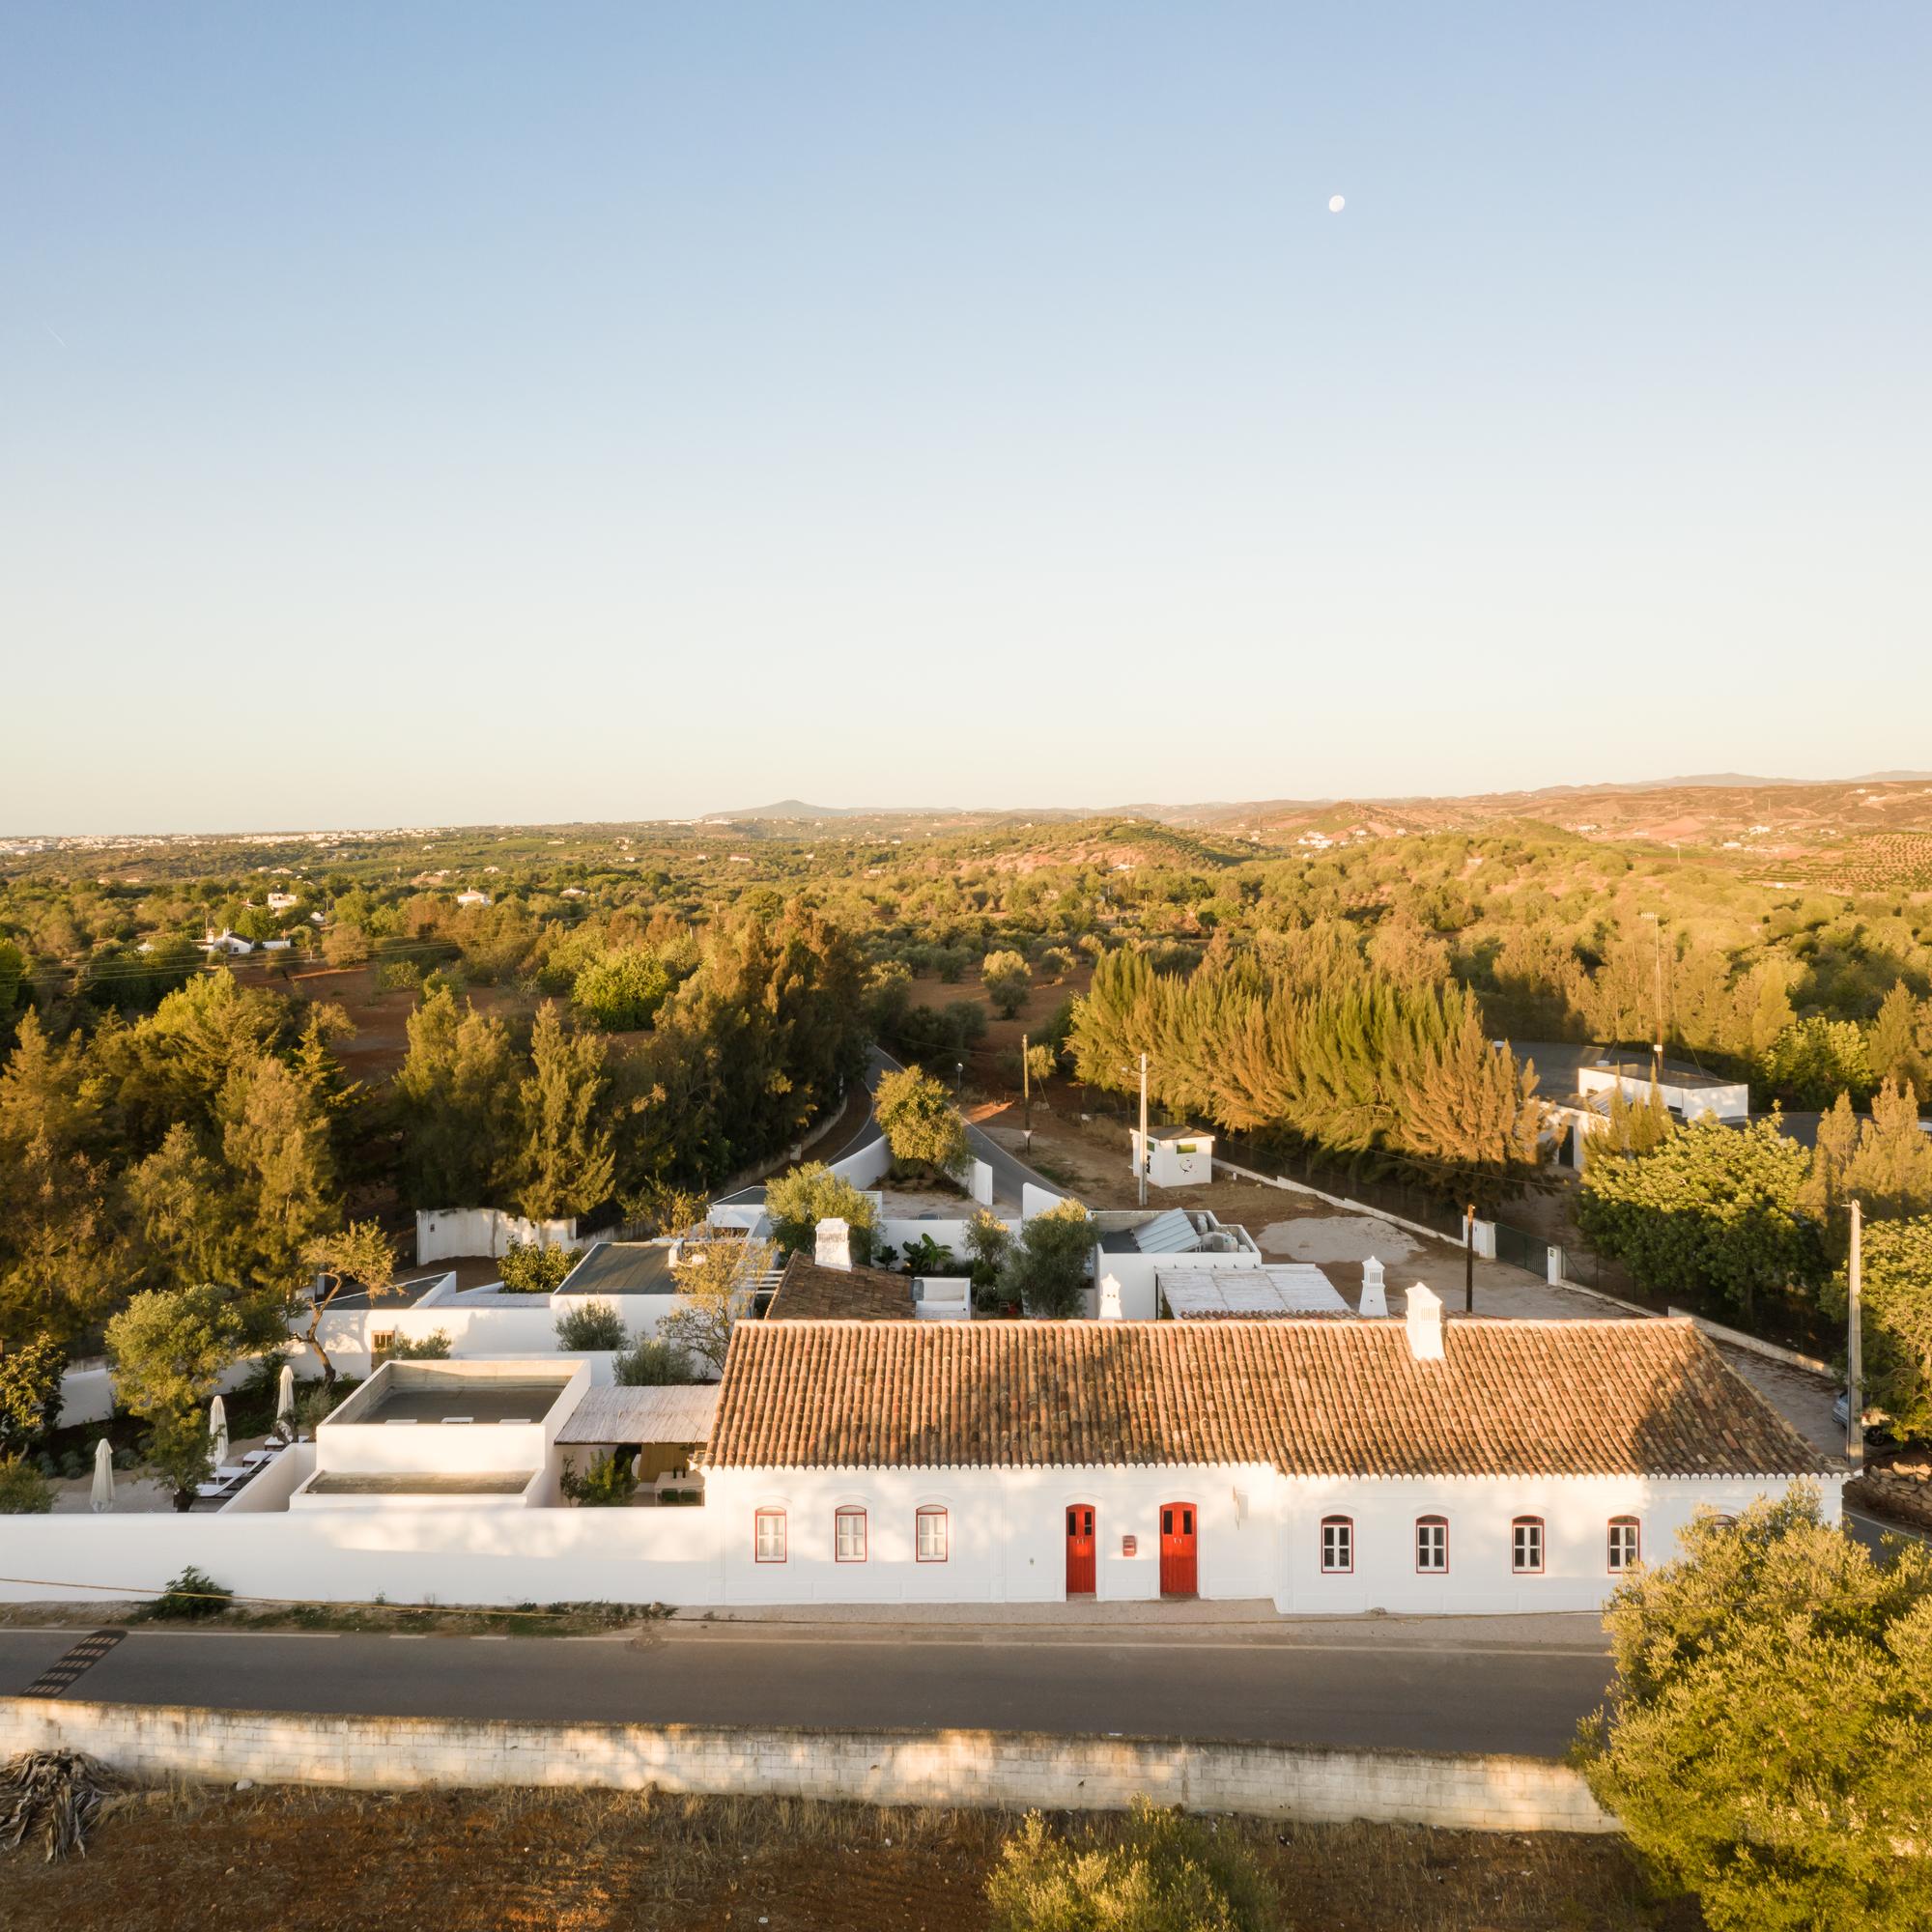 Rural Hostel / atelier Rua